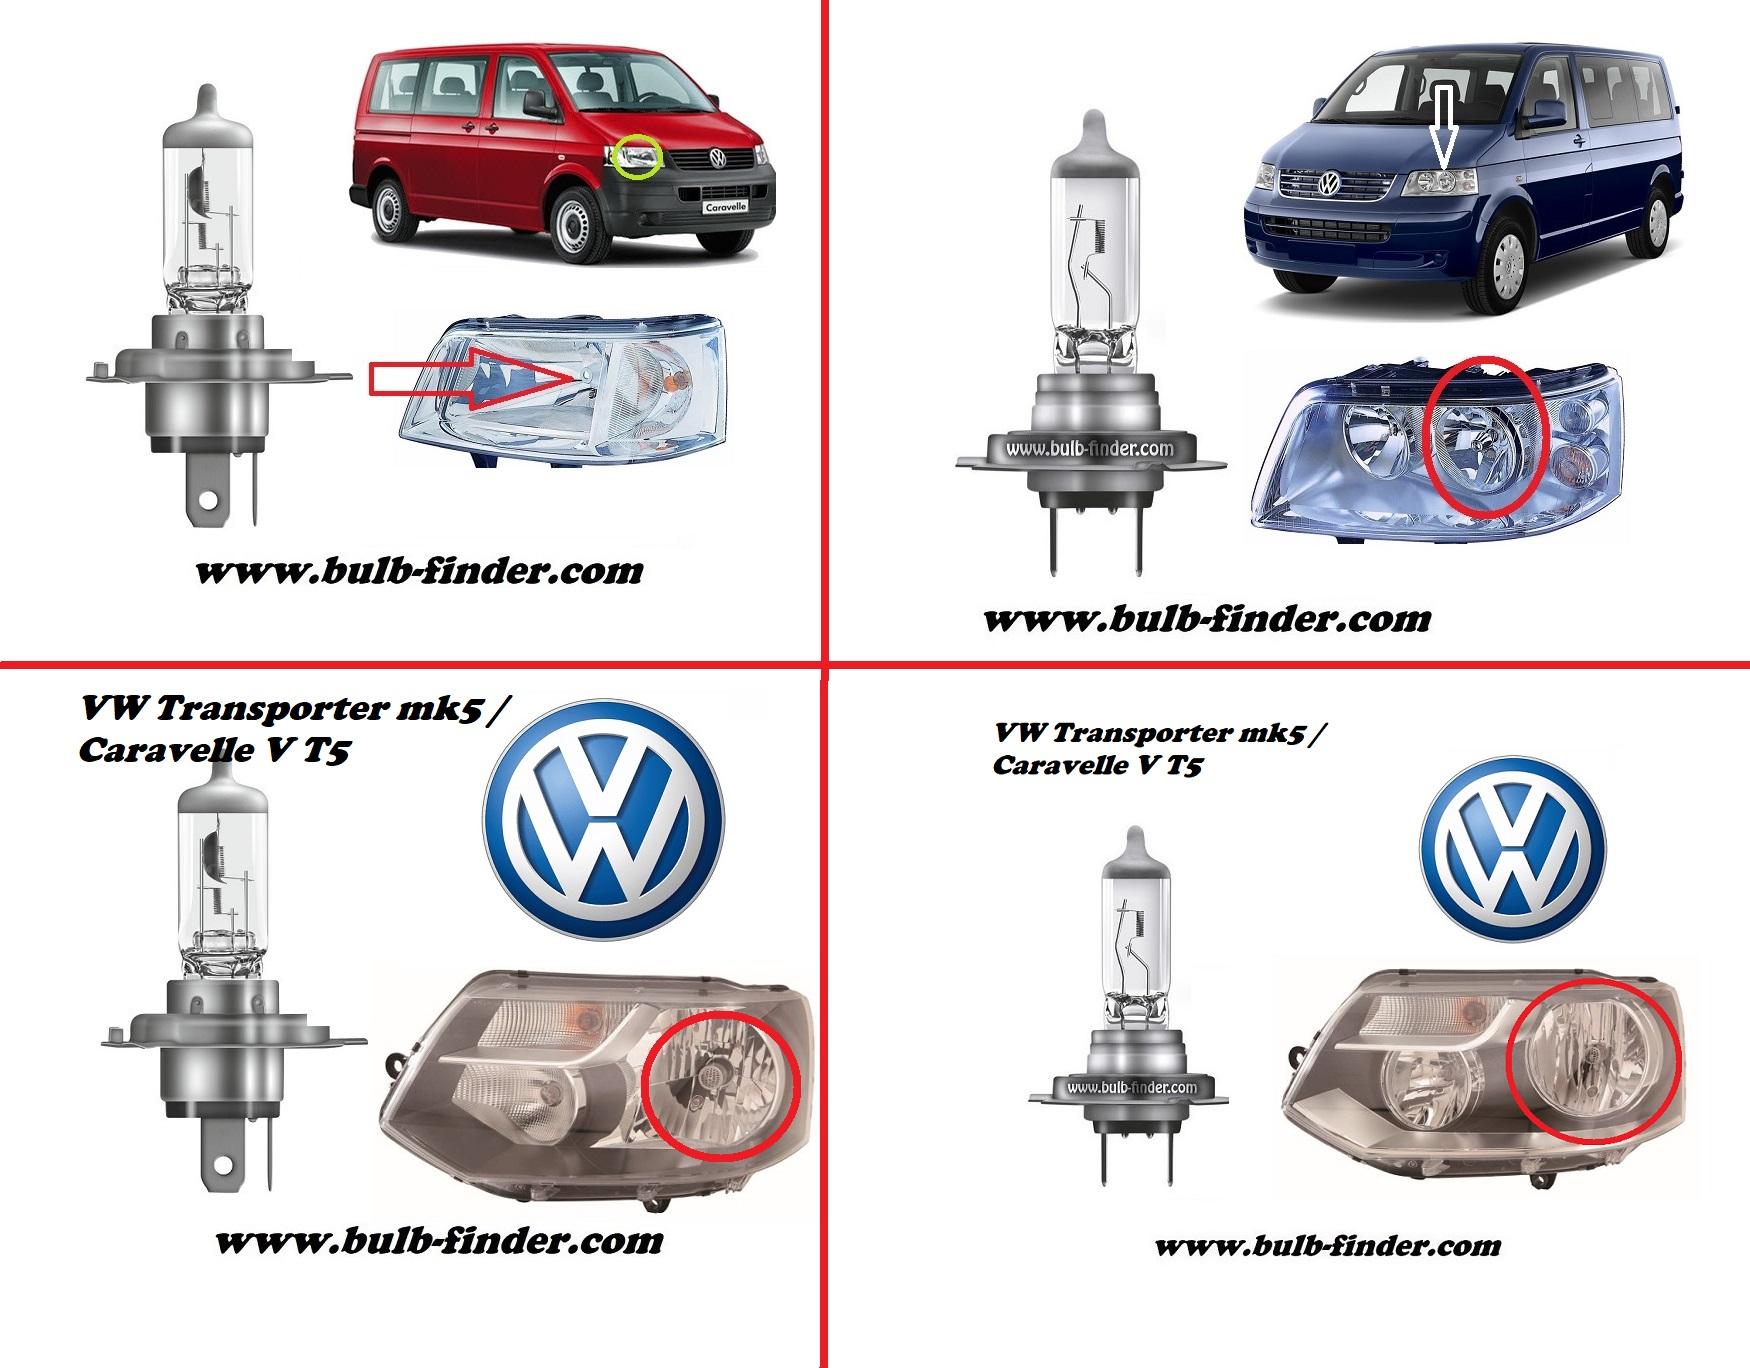 Volkswagen Transporter mk5 / Caravelle V T5 bulbs specification